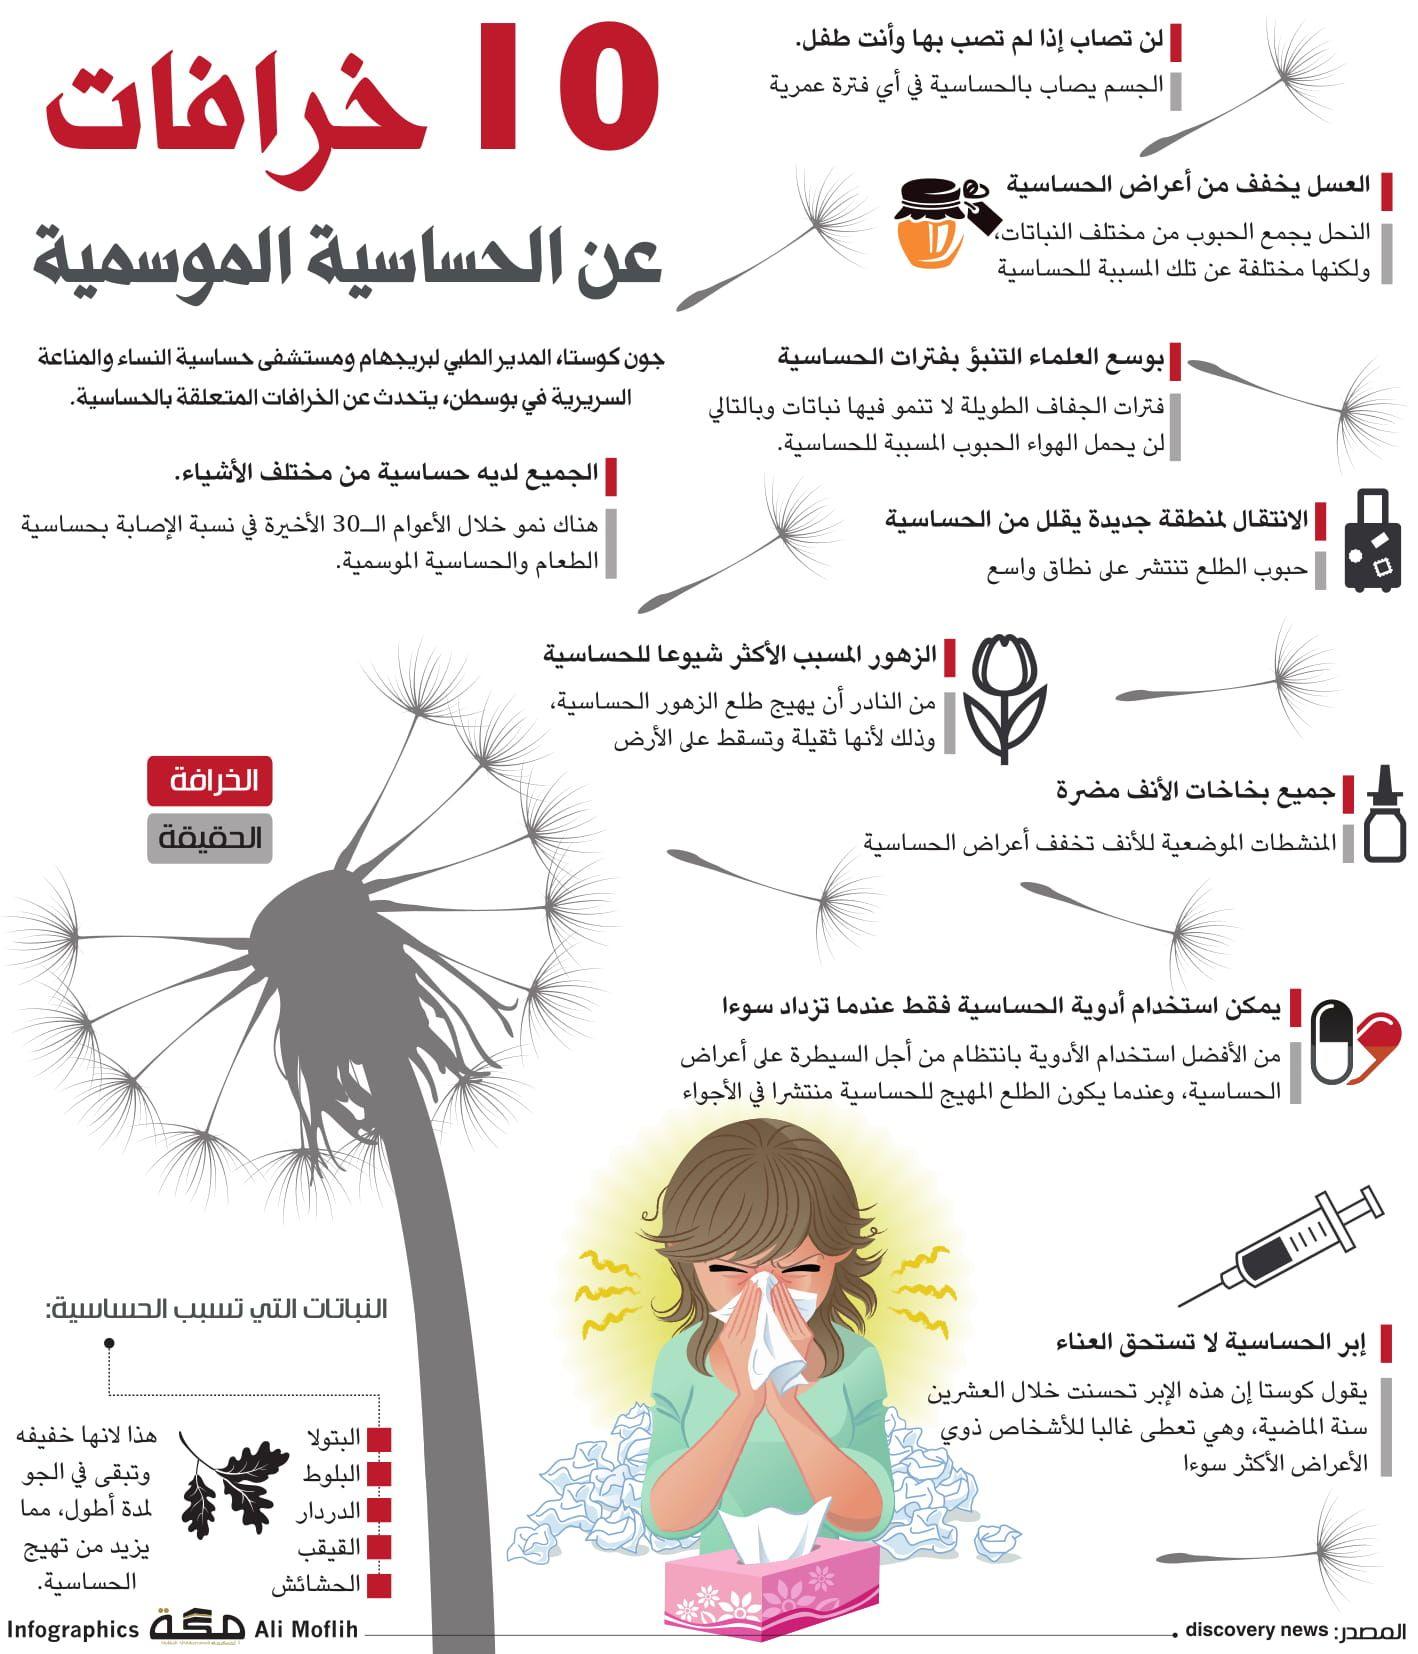 10 خرافات عن الحساسية الموسمية صحيفة مكة انفوجرافيك معلومات Positivity Interesting Art Infographic